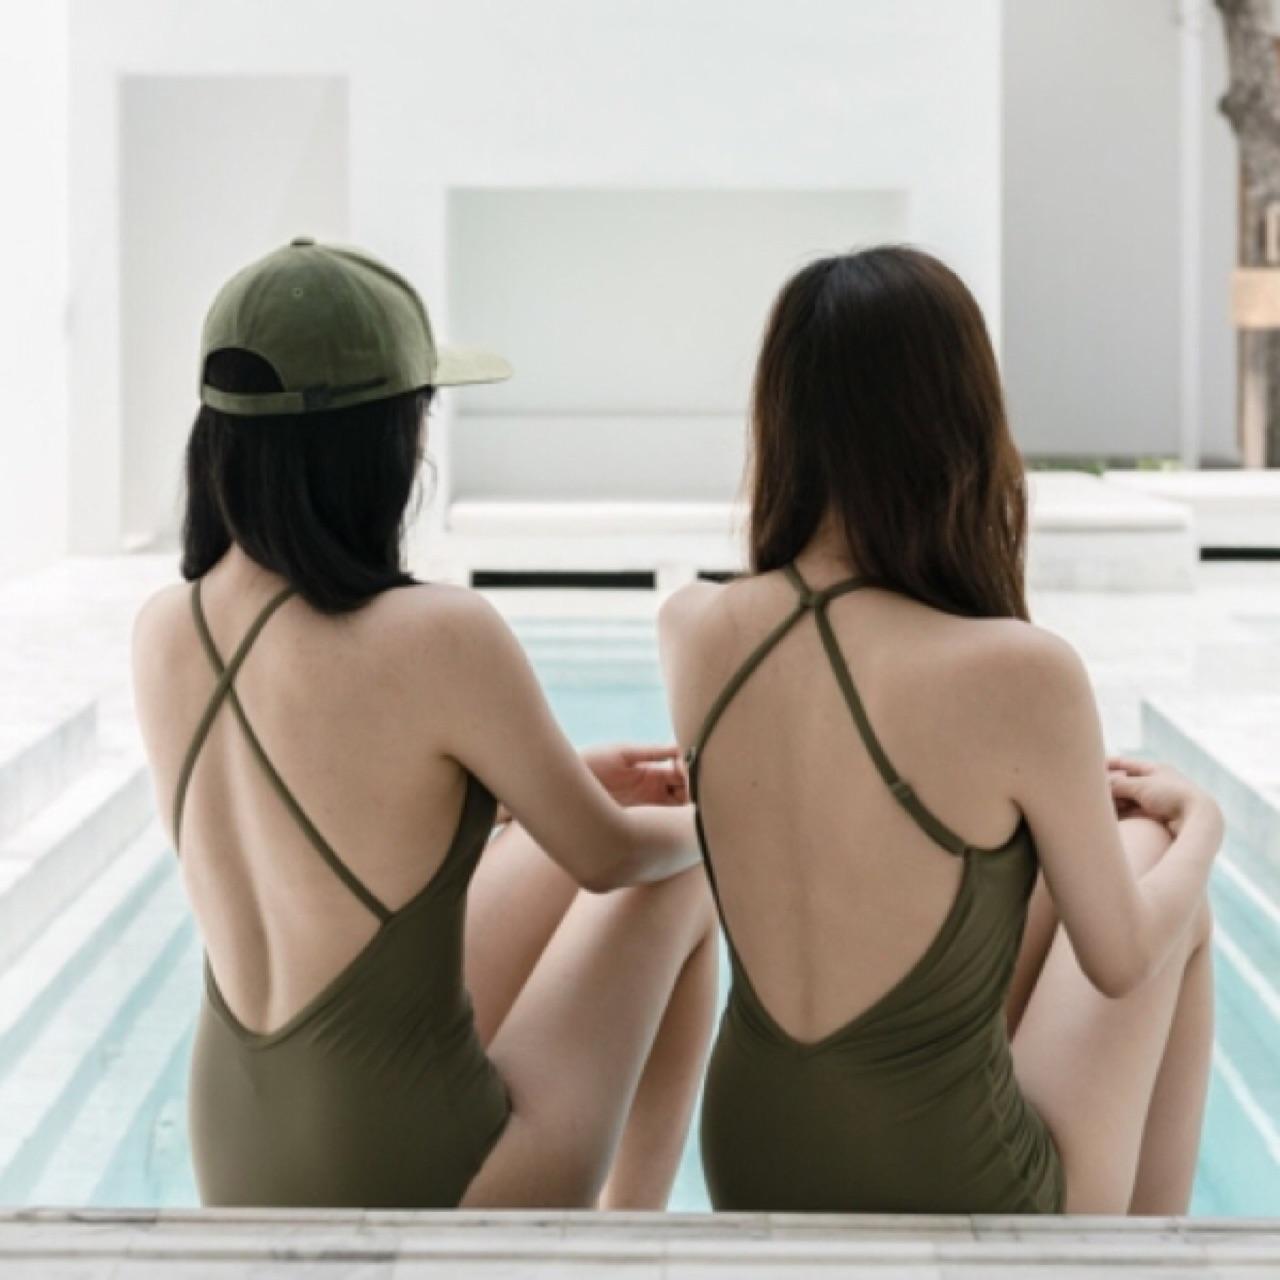 ชุดว่ายน้ำสีเขียว_1